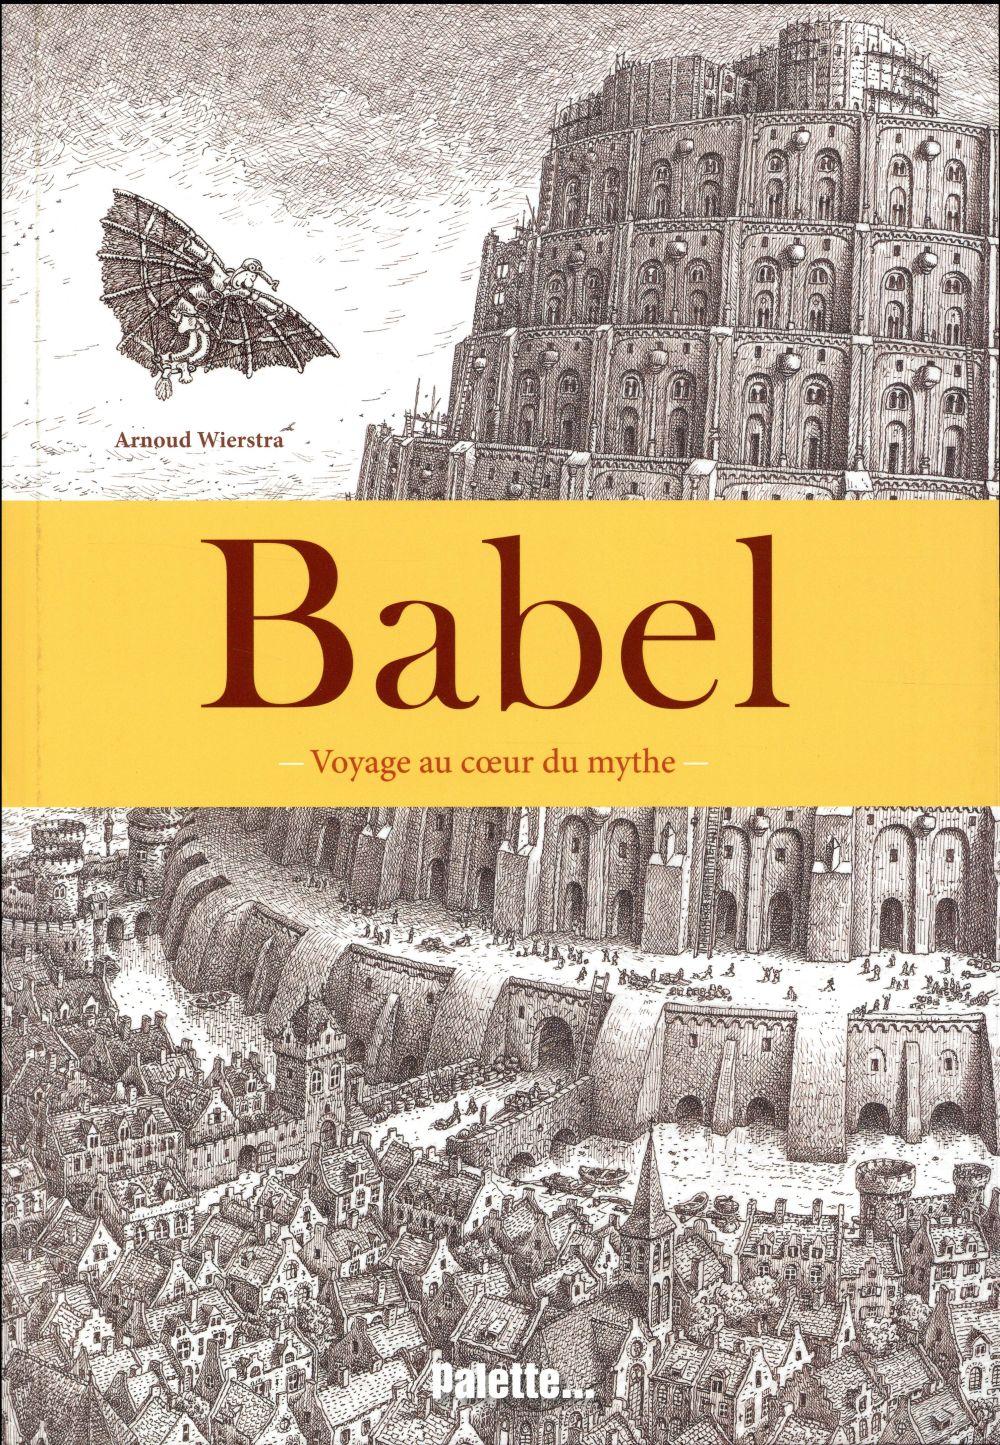 BABEL/VOYAGE AU COEUR DU MYTHE